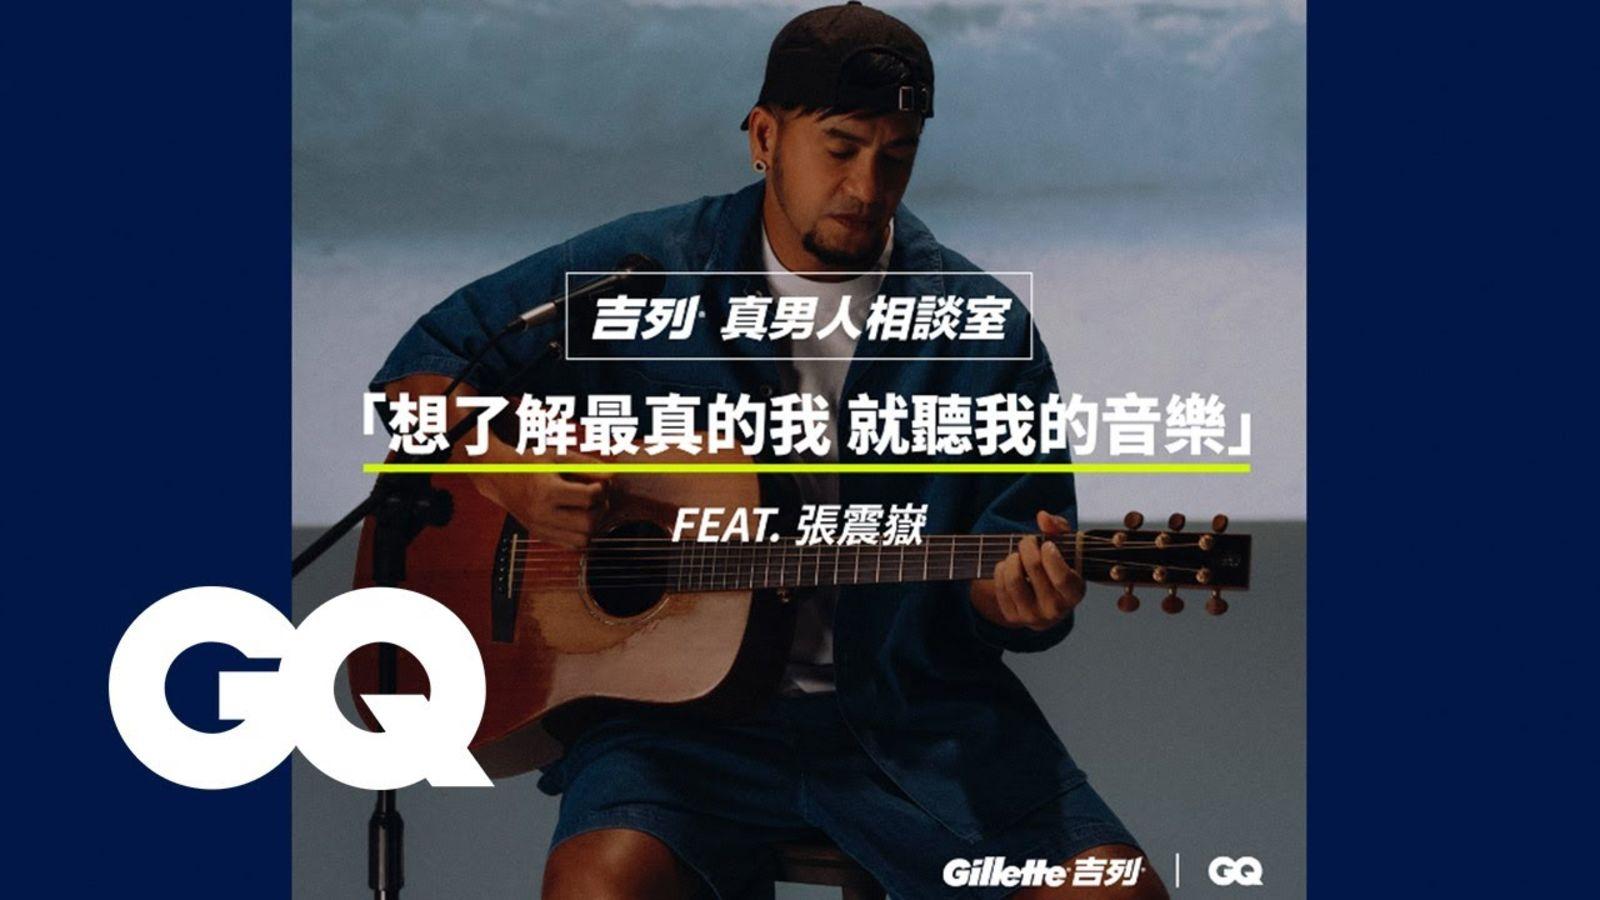 【吉列真男人相談室 feat.張震嶽】『想了解最真的我 就聽我的音樂』